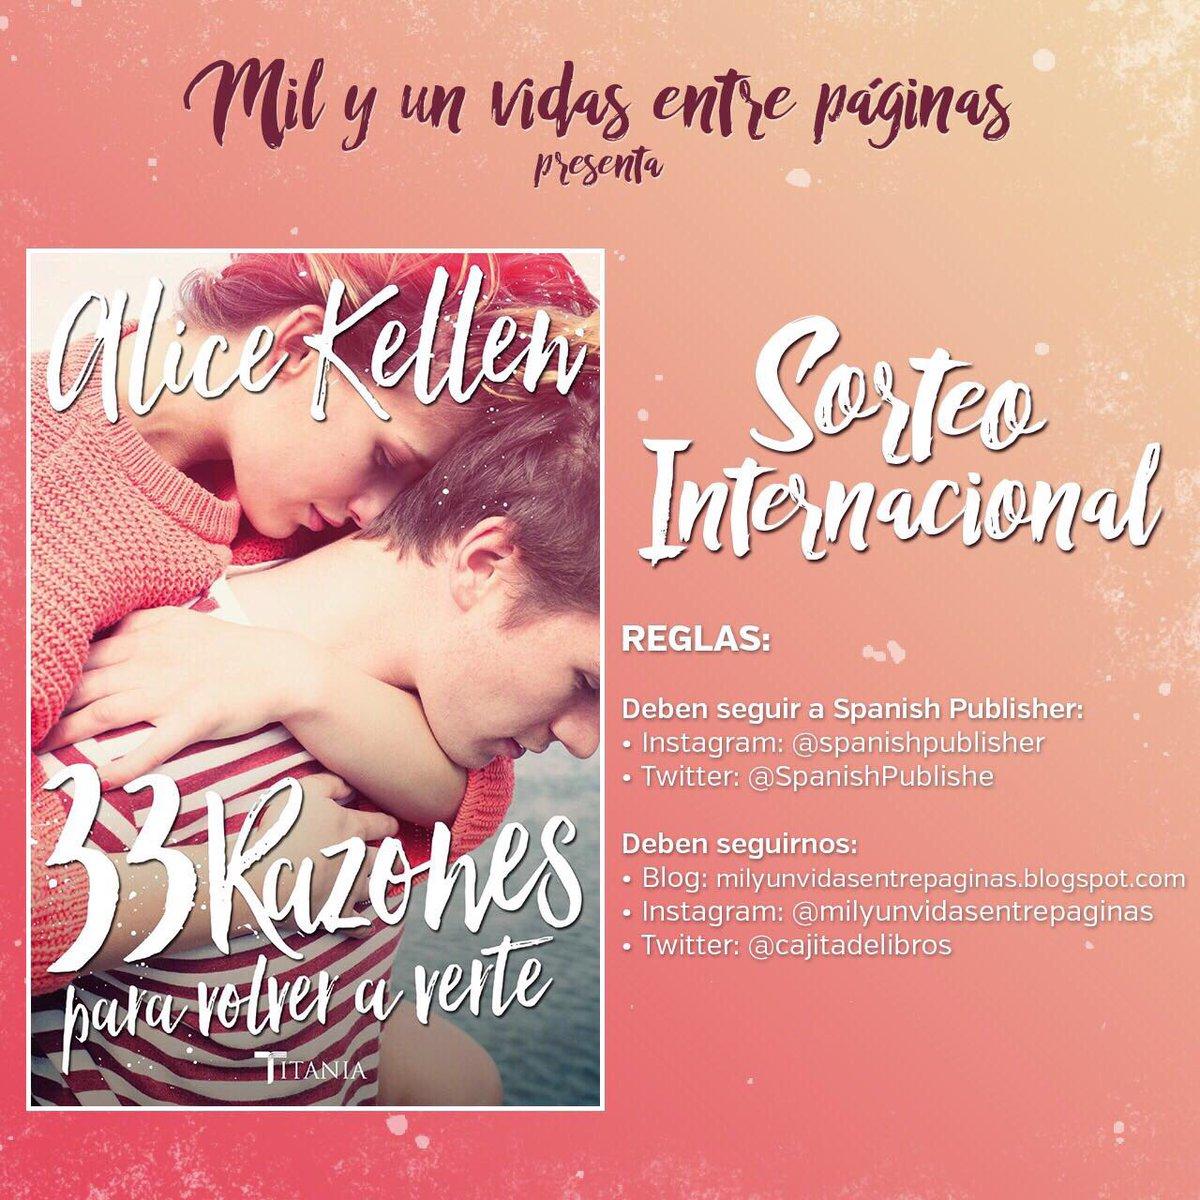 Aniversario del blog con Spanish Publishers